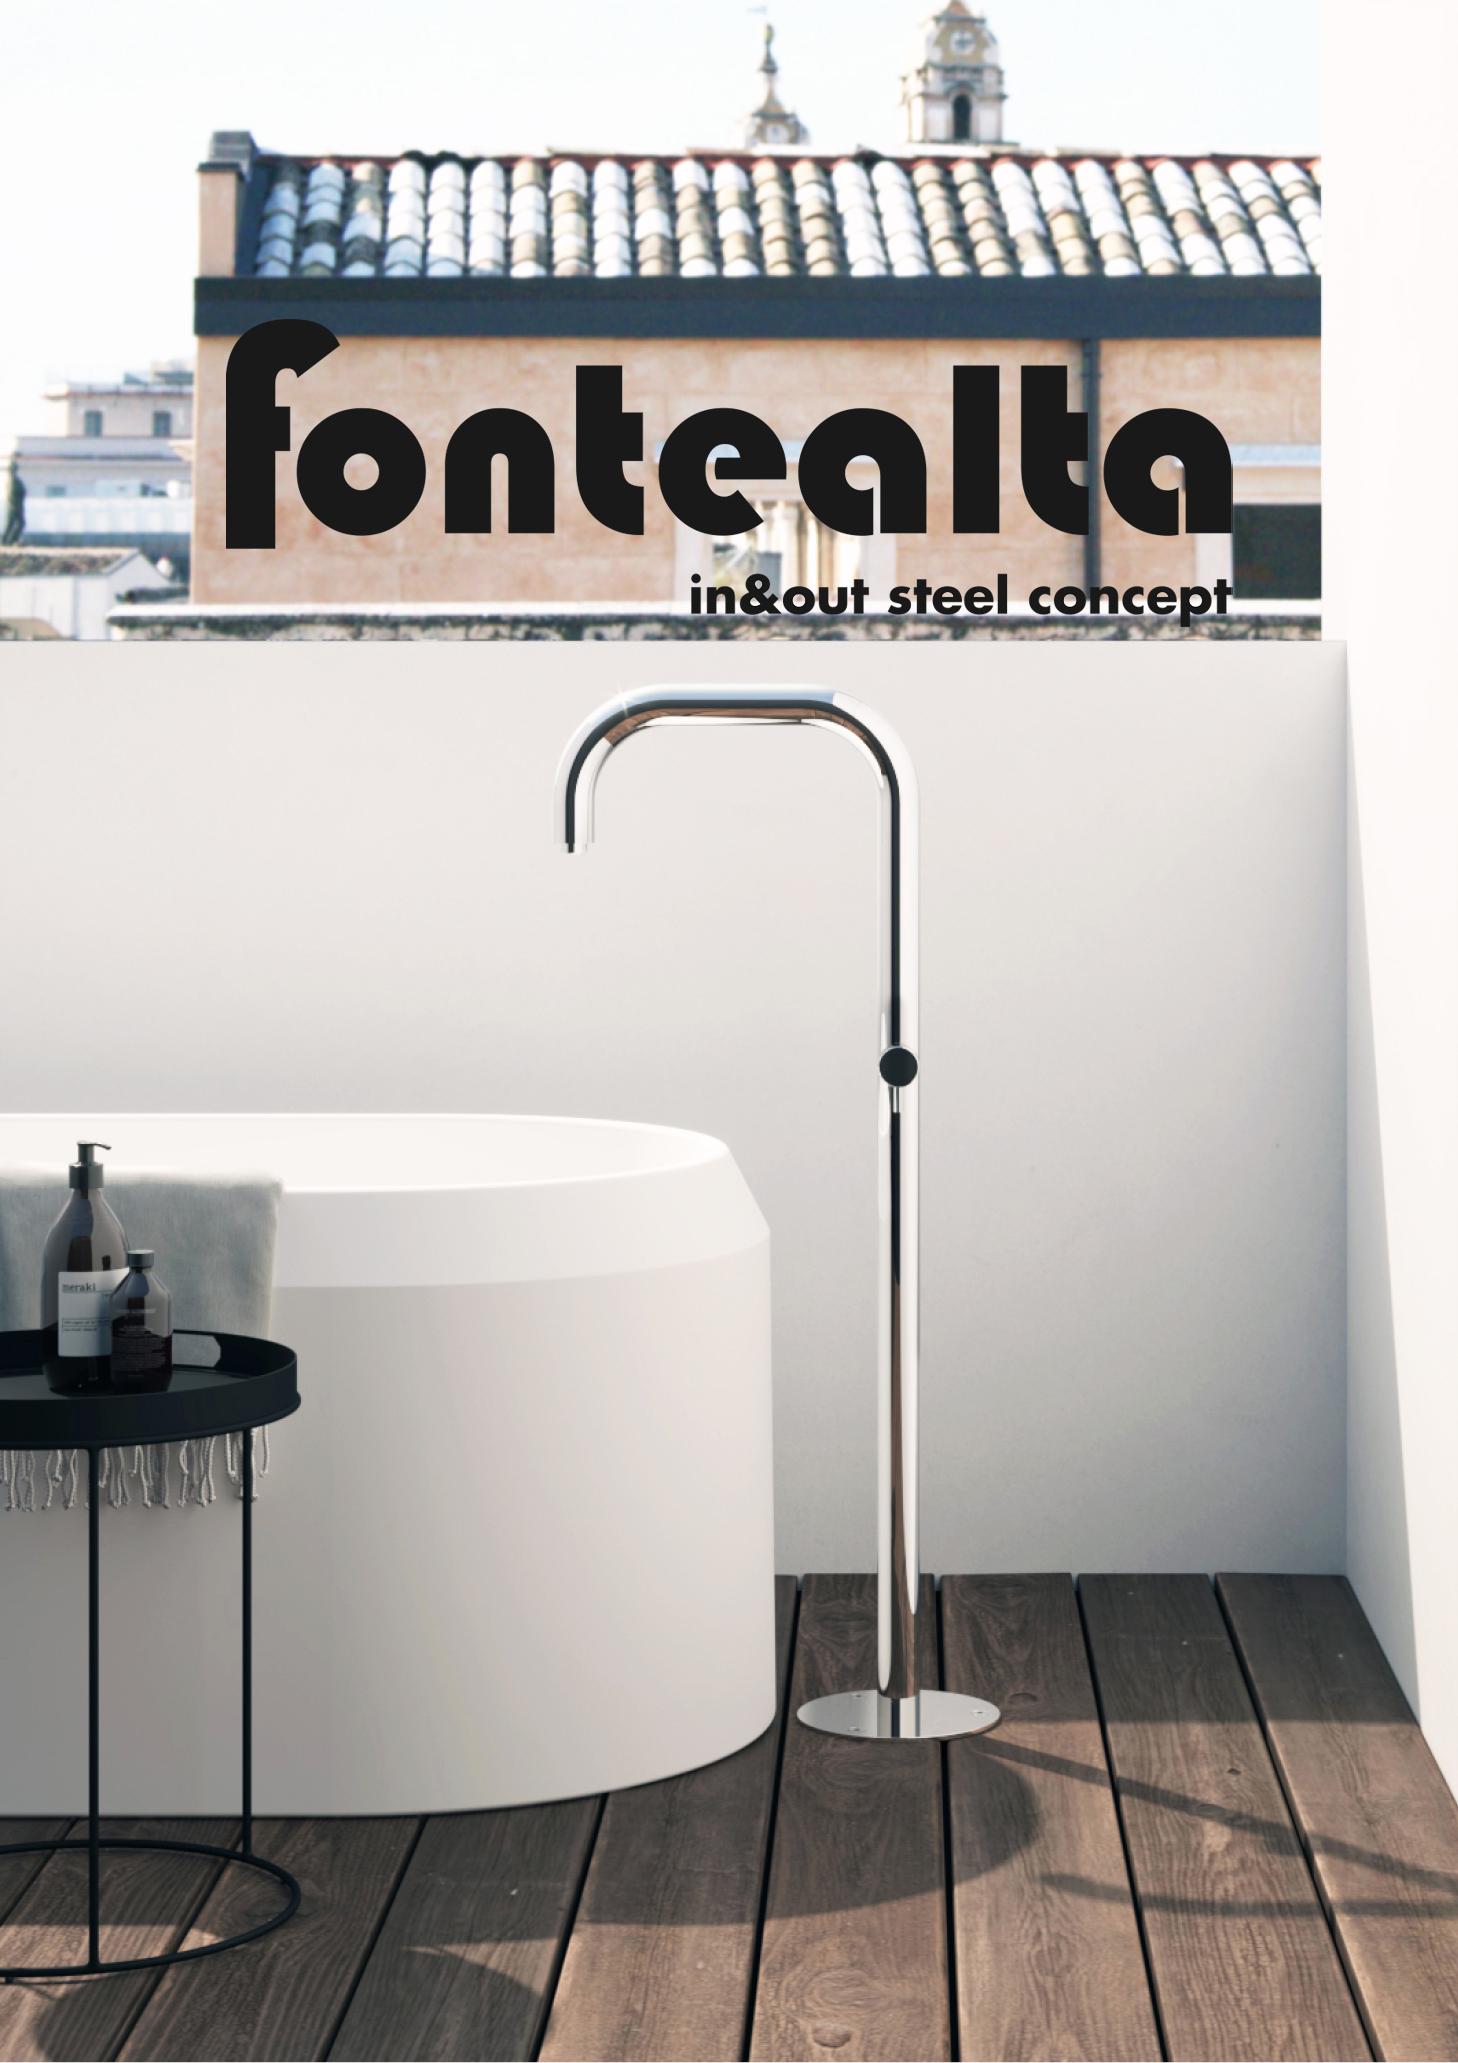 Die langjährige Erfahrung mit Verkauf von Fontealta Produkten überzeugt uns auf ganzer Linie. Geradliniges Design, hochwertige Gartenduschen und Armaturen entstehen hier in höchster Qualität. Die Außenduschen werden alle aus V4A gefertigt und halten allen Umwelteinflüssen stand.